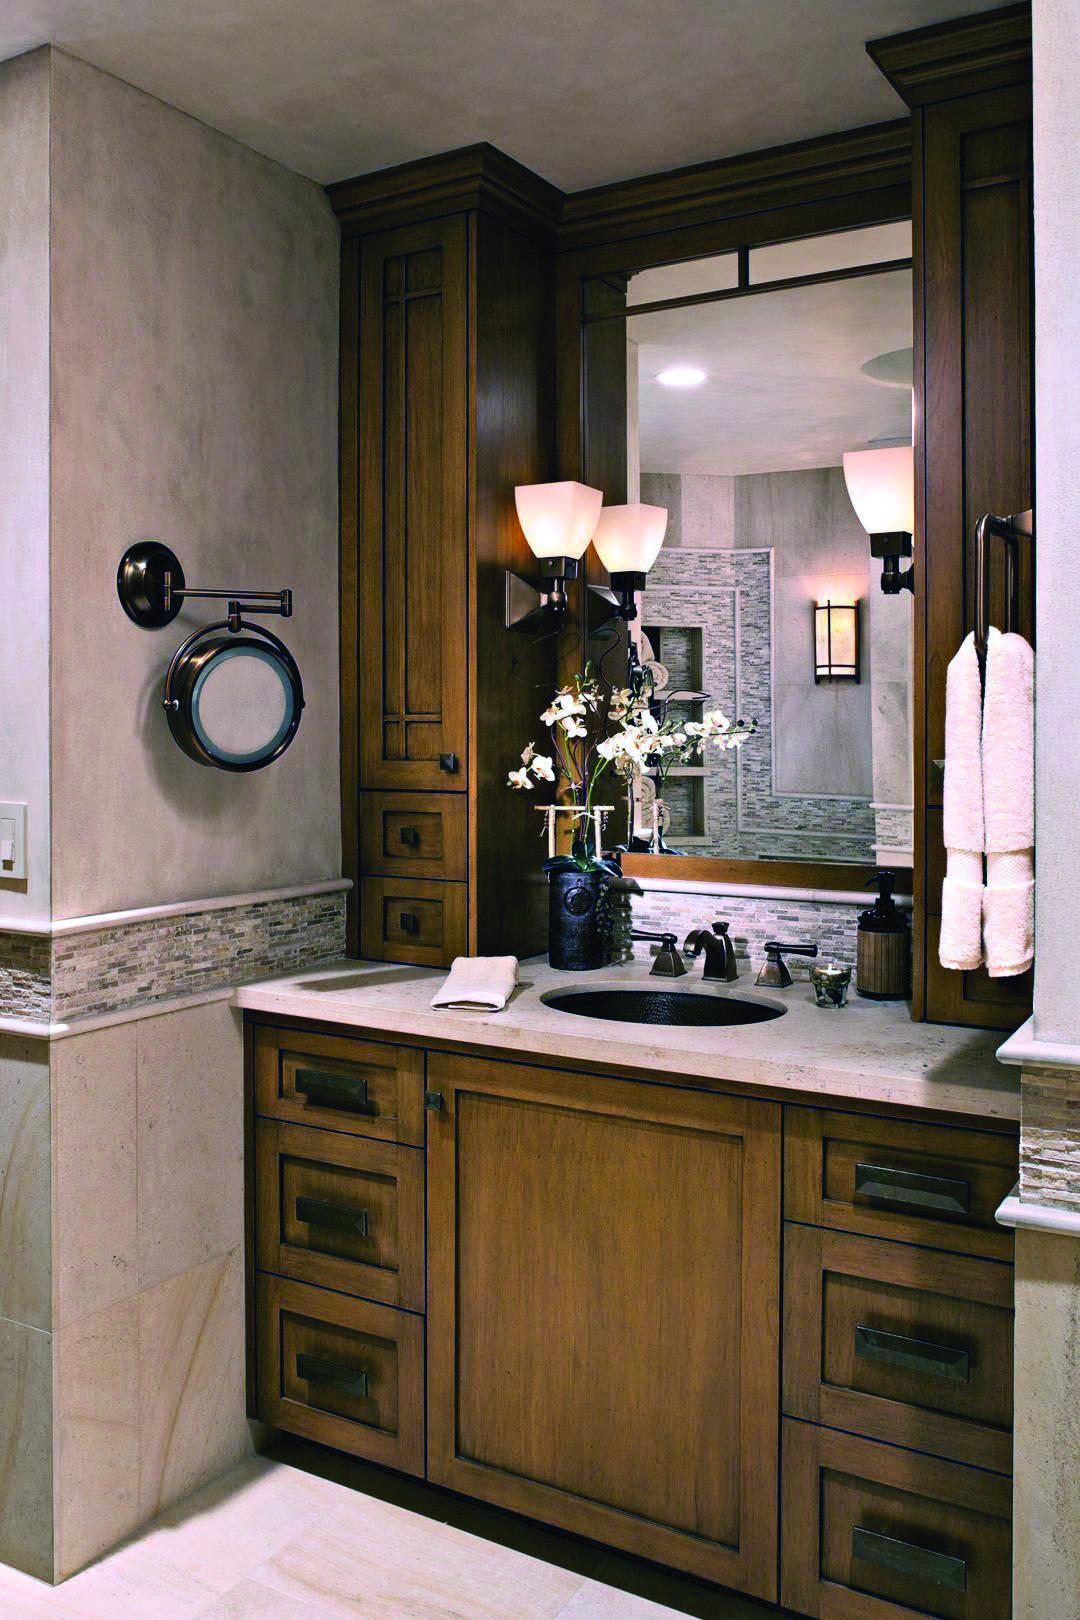 10 paint color ideas for small bathrooms bathroom paint ideas rh pinterest com